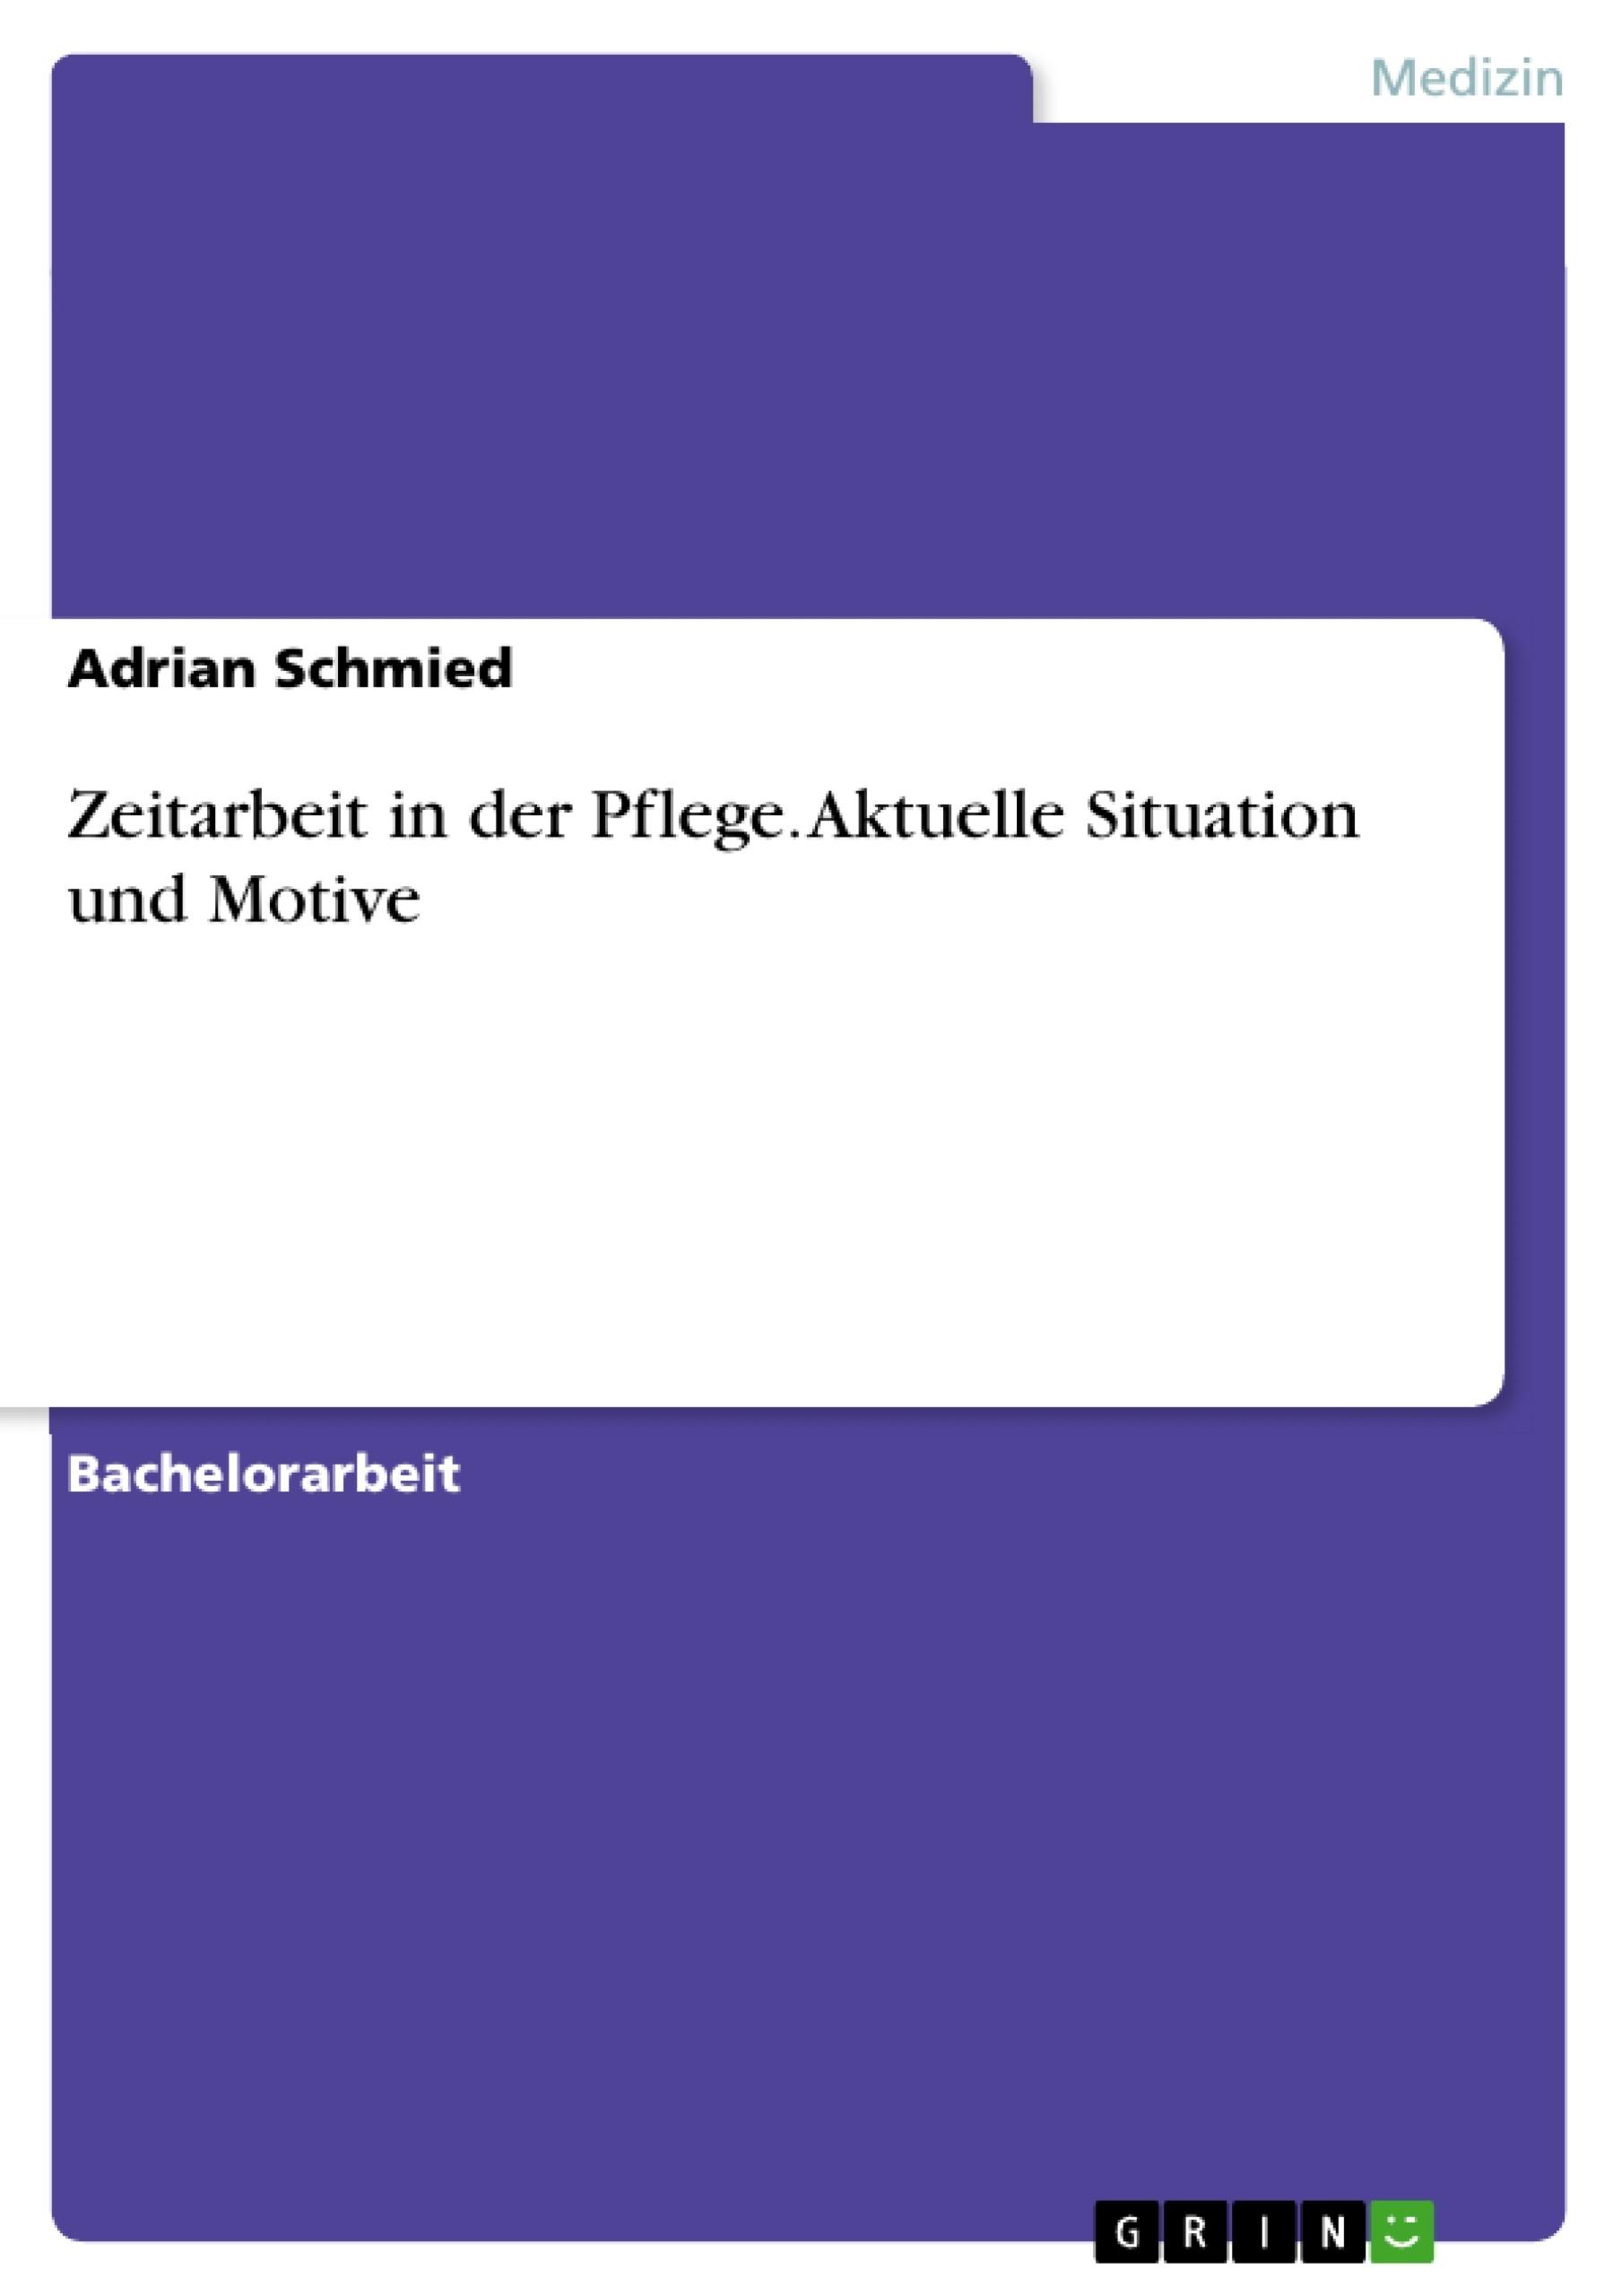 Titel: Zeitarbeit in der Pflege. Aktuelle Situation und Motive